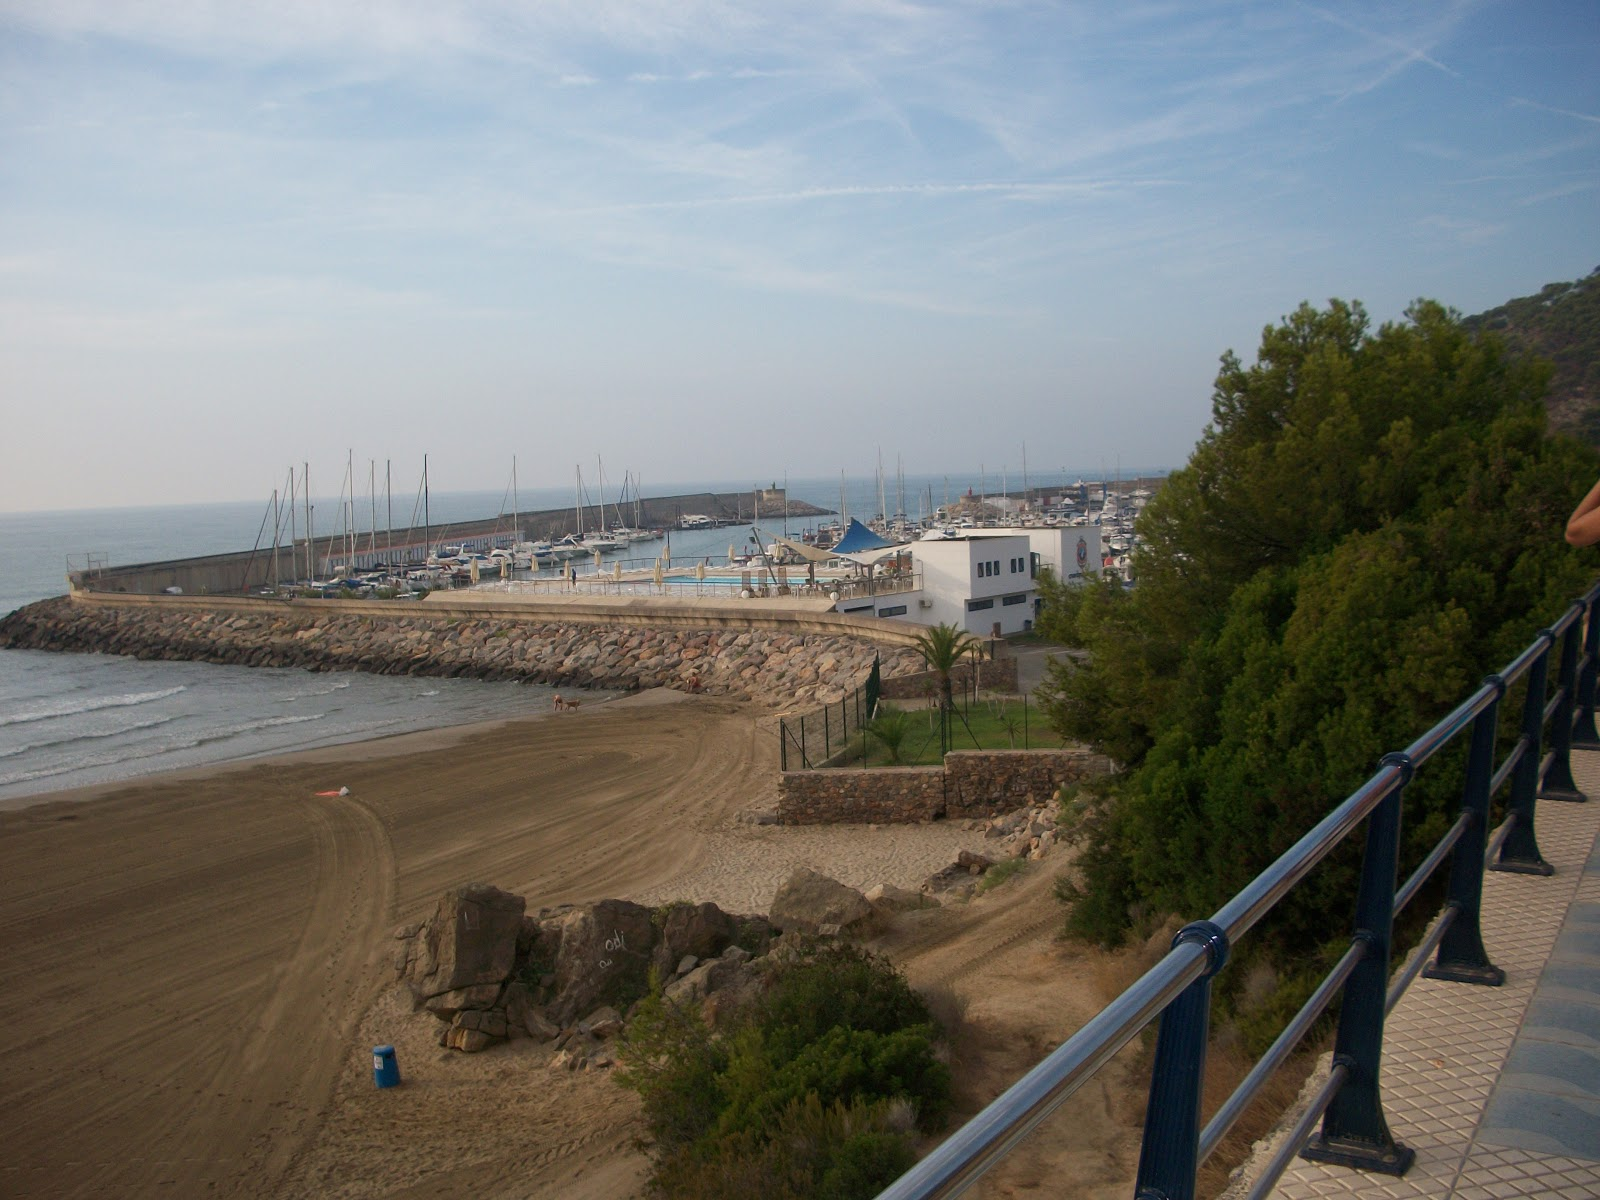 Apartamentos vacacionales en oropesa del mar oropesa del mar playa alquileres vacaciones - Apartamentos baratos vacaciones playa ...